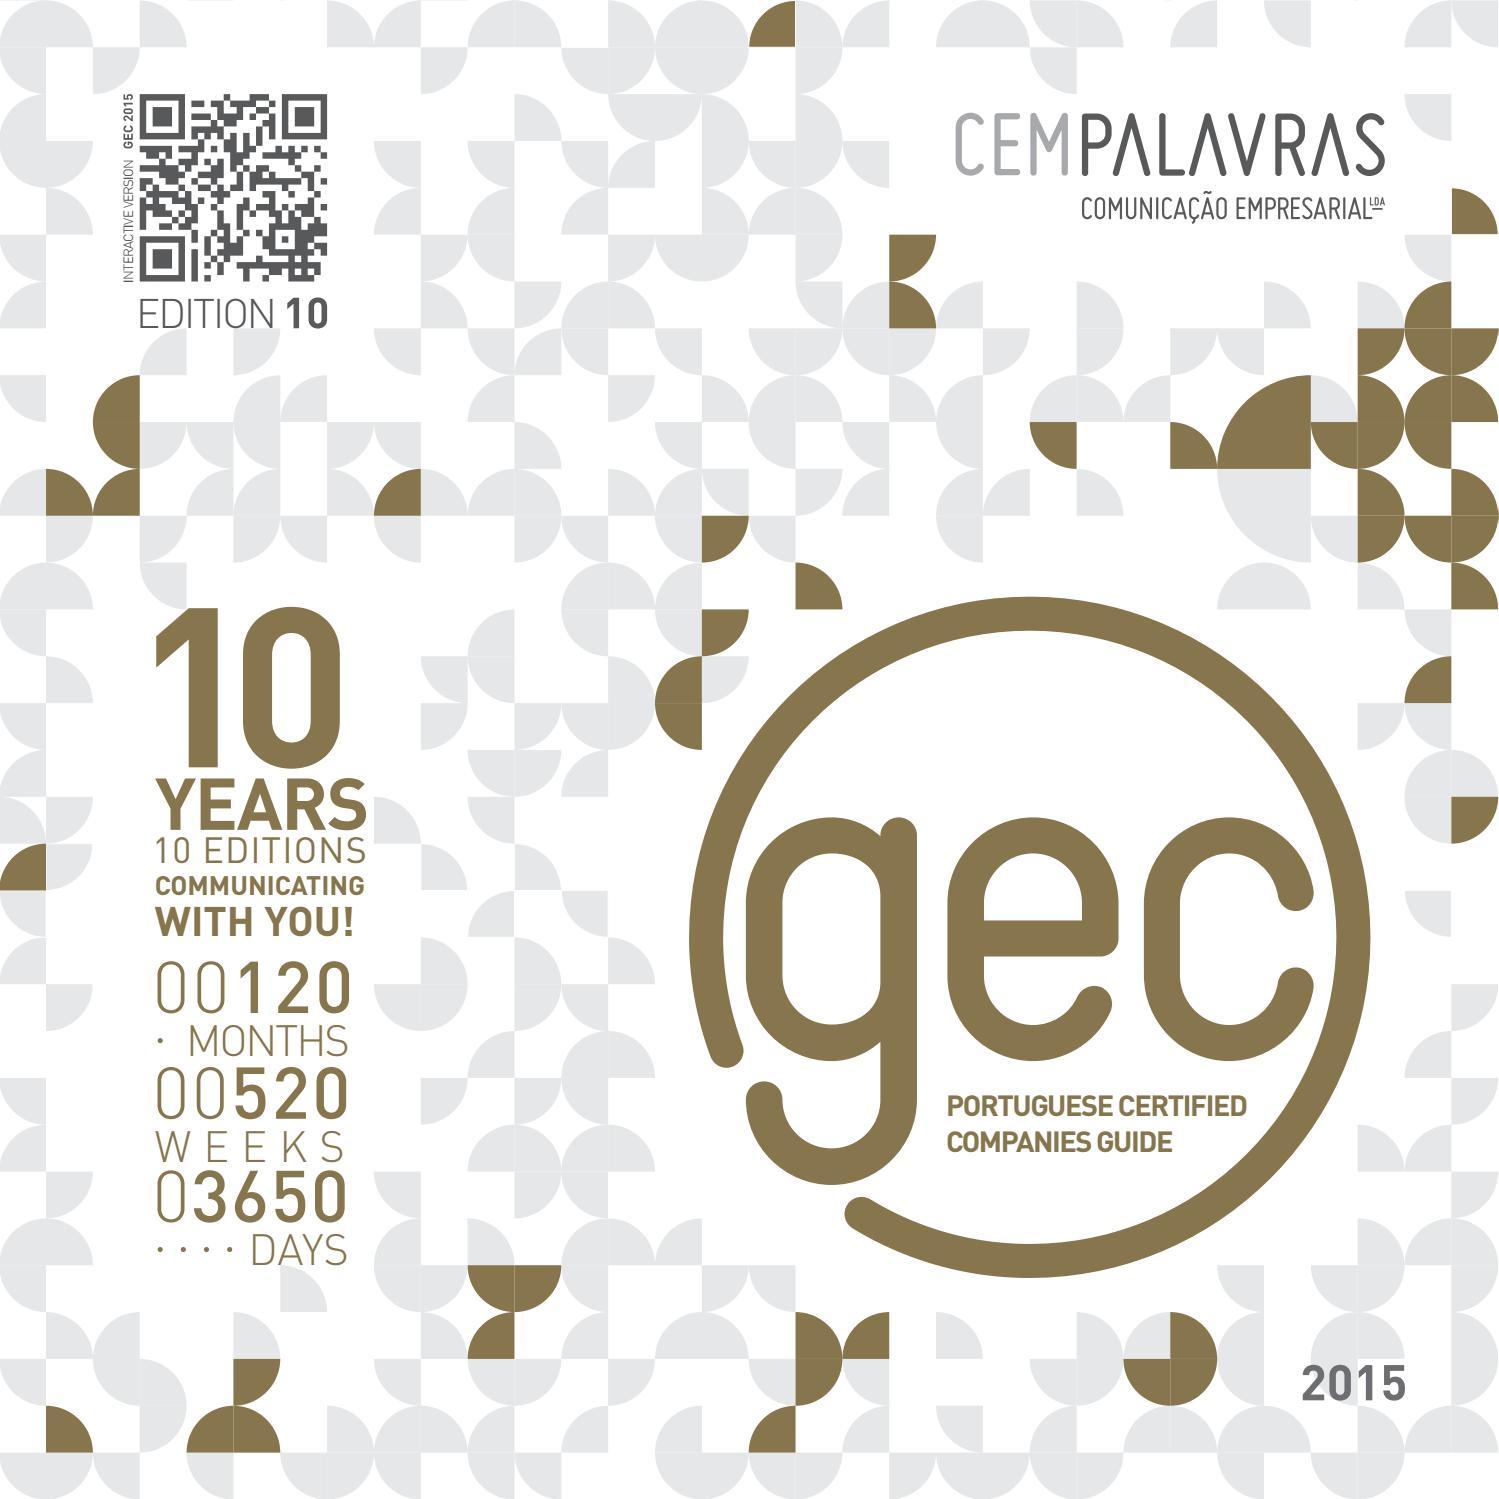 GEC 2015 EN by cempalavras.pt - issuu a7b8a34bde0